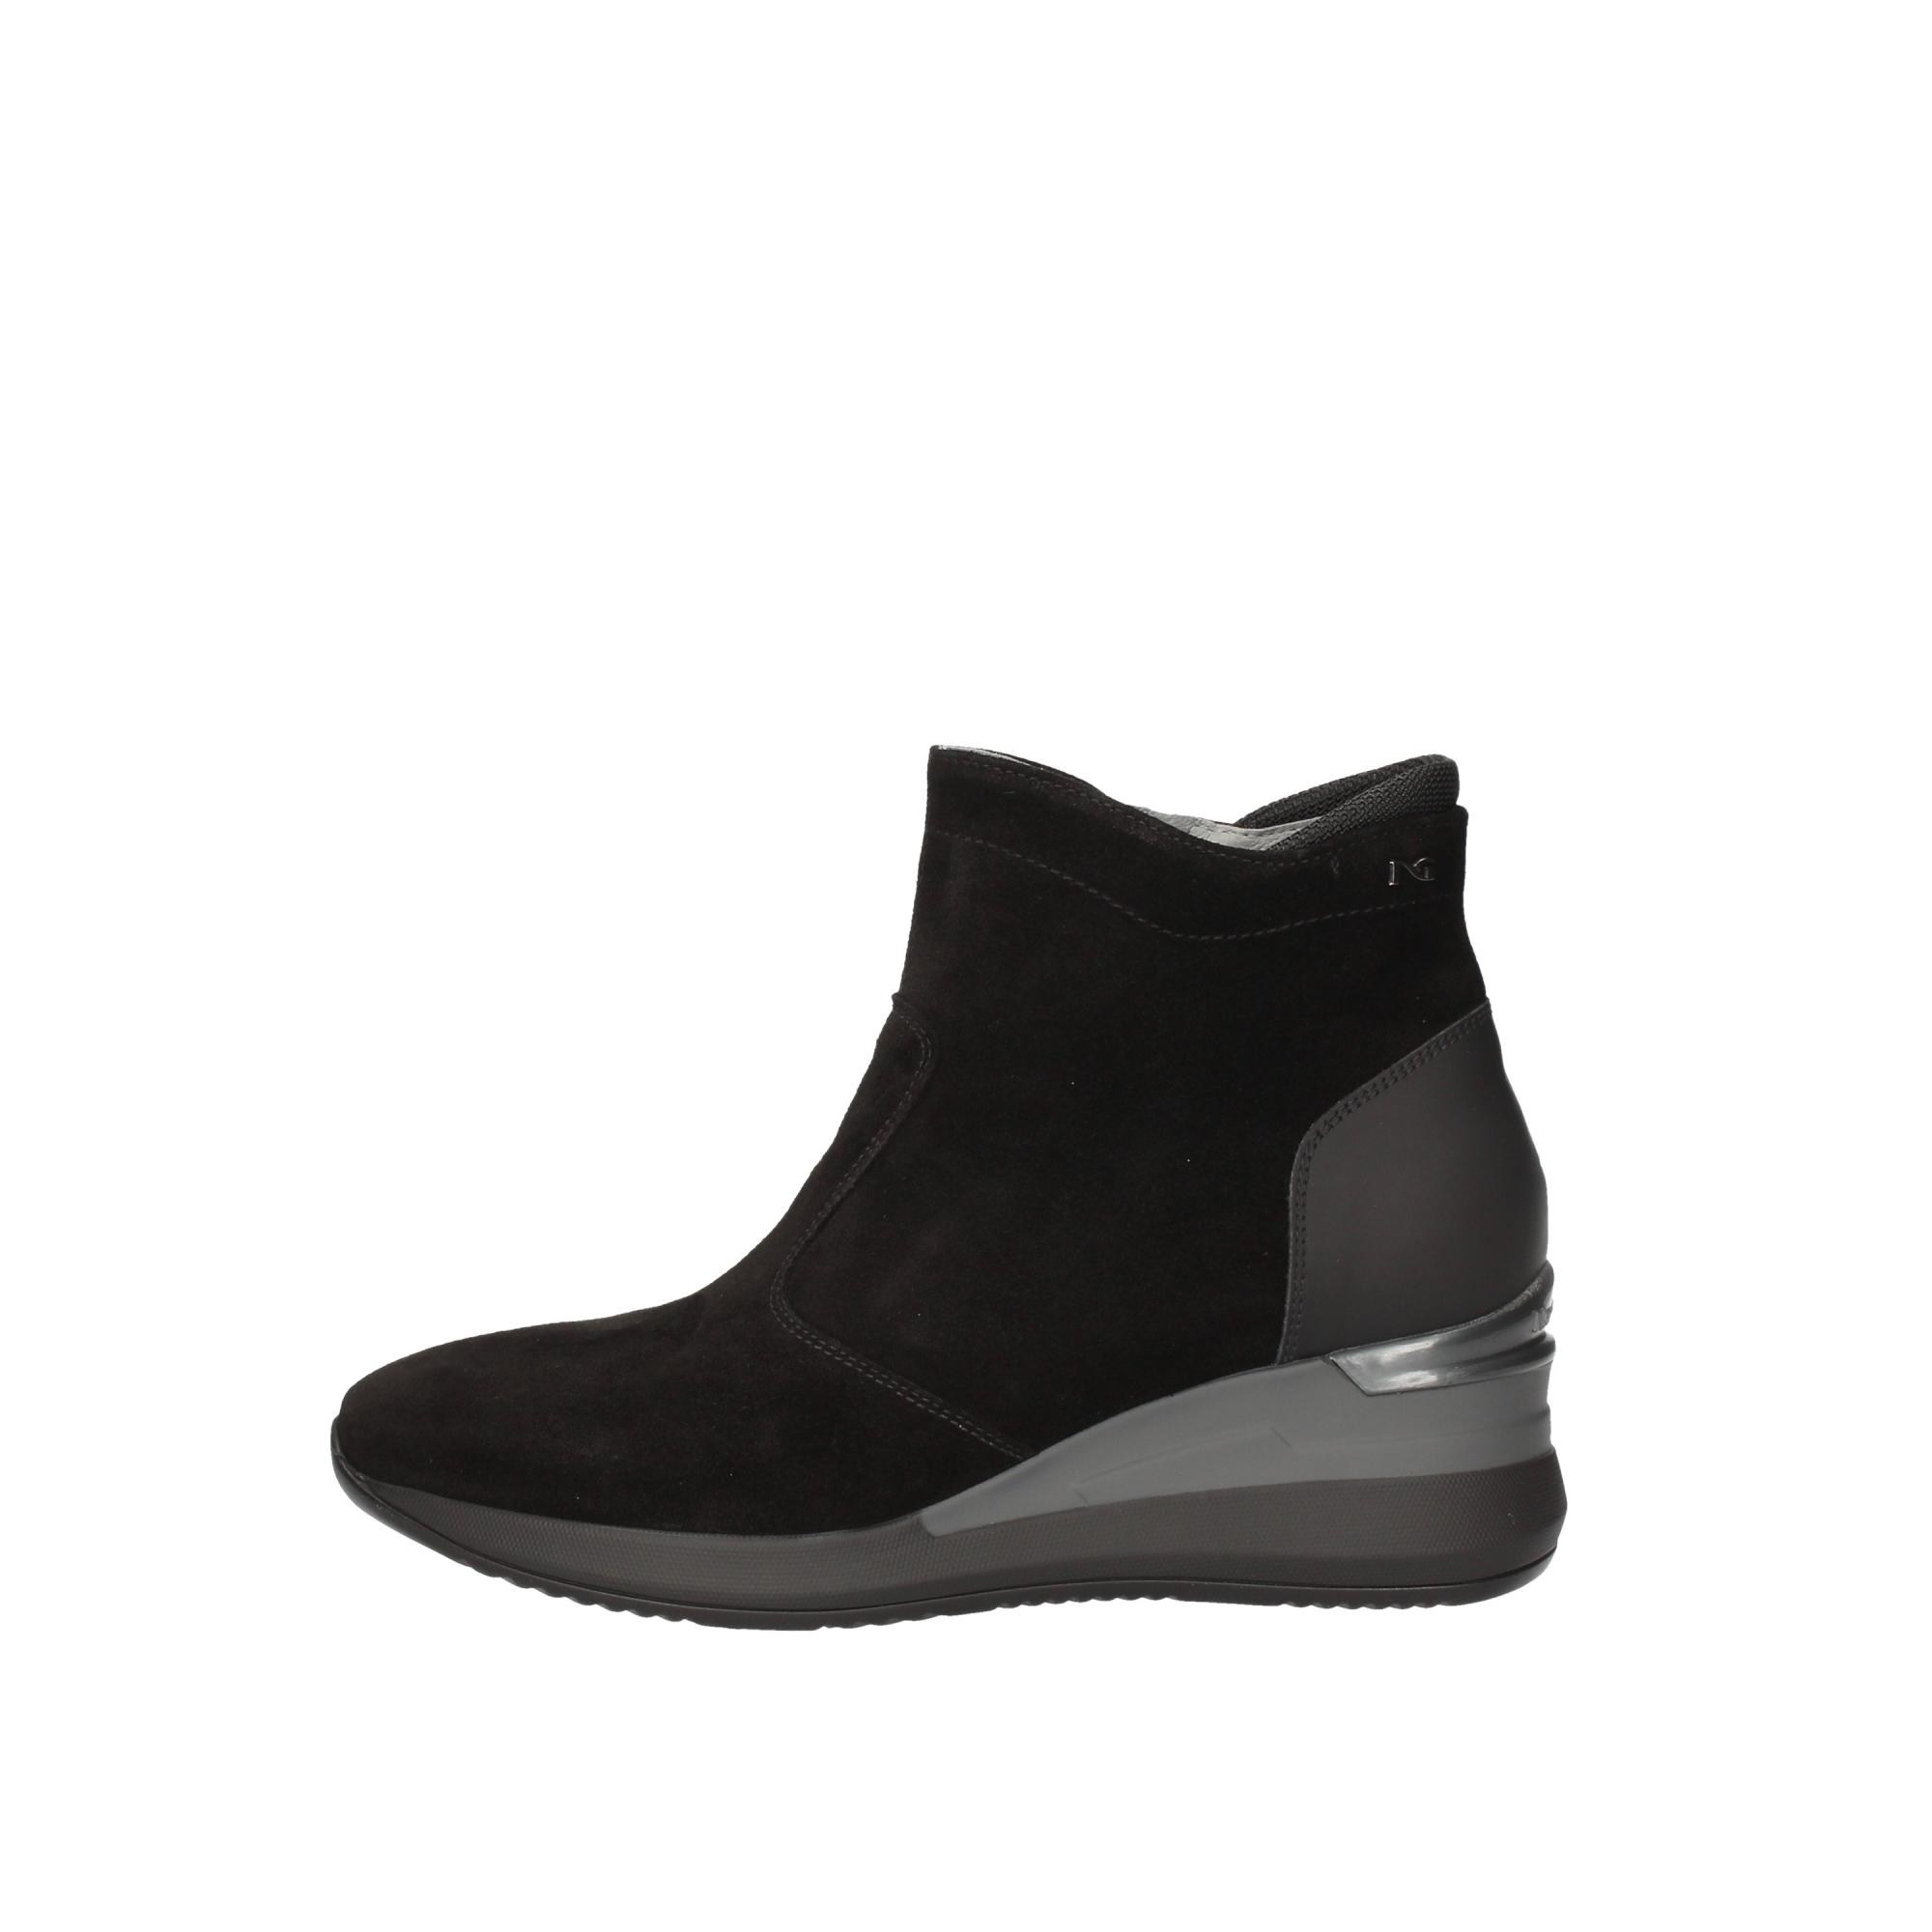 Nero Giardini Sneakers Donna A908862D | Acquista ora su